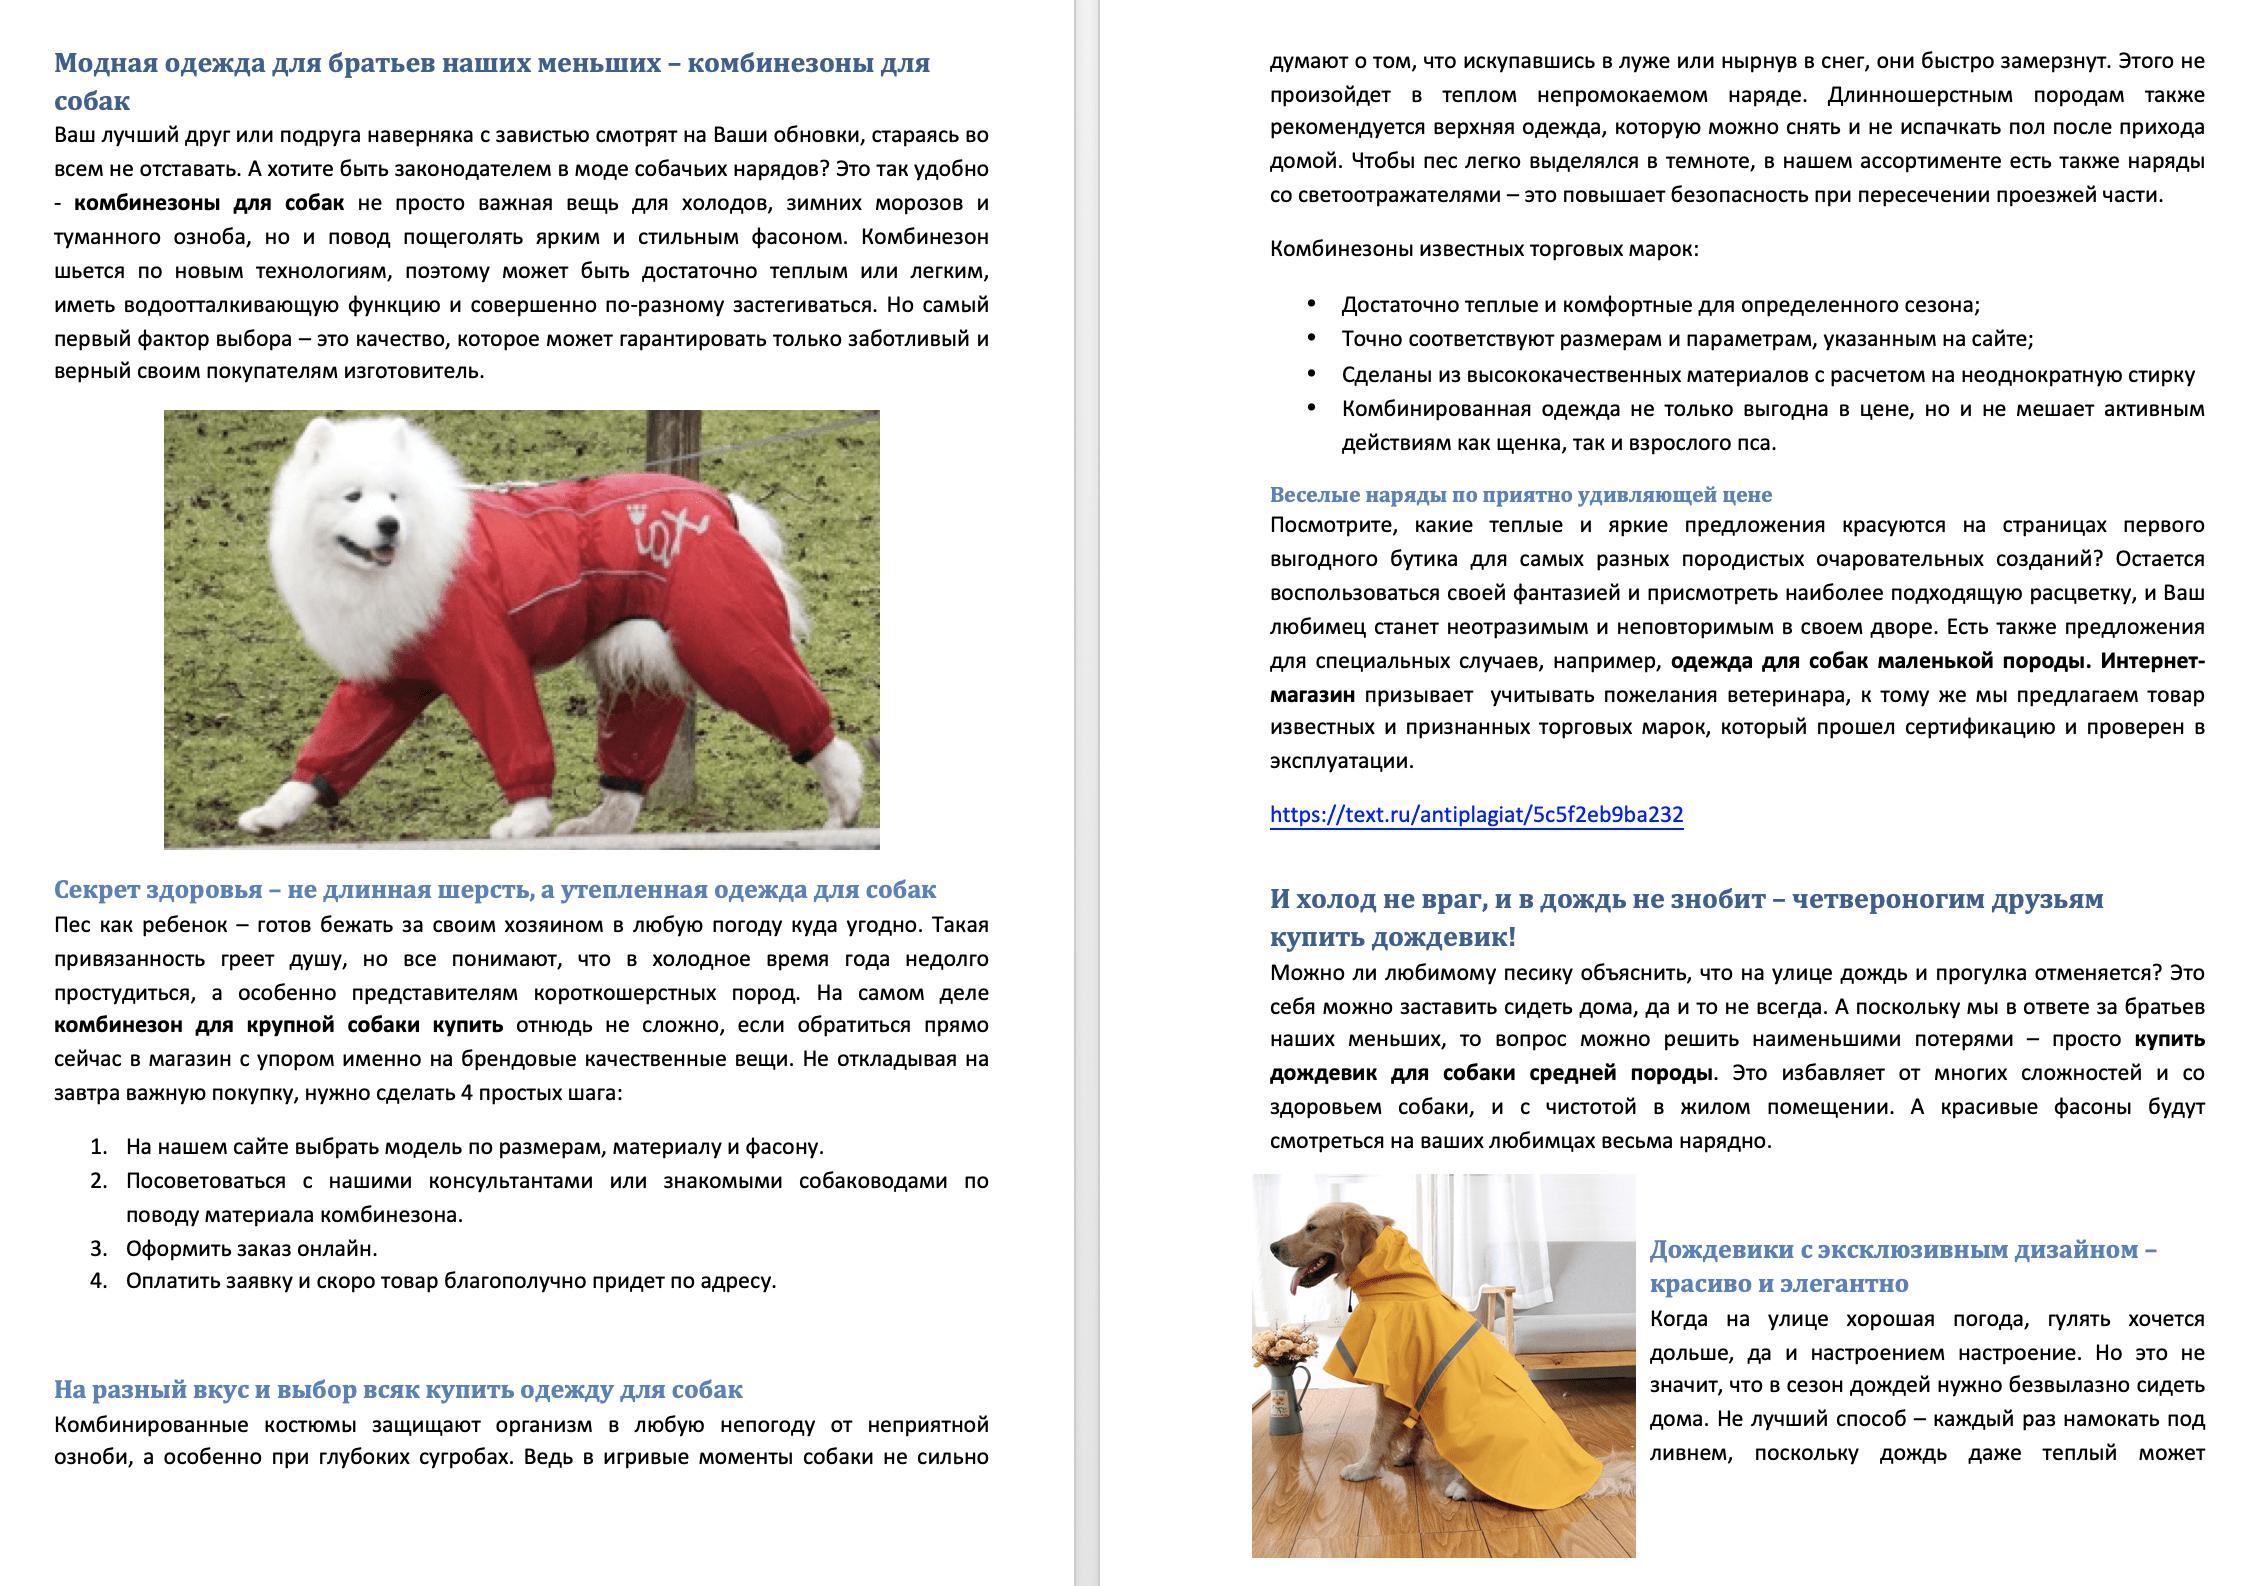 Пример описаний для товаров №5 – Сео-тексты для интернет-магазина товаров для собак.